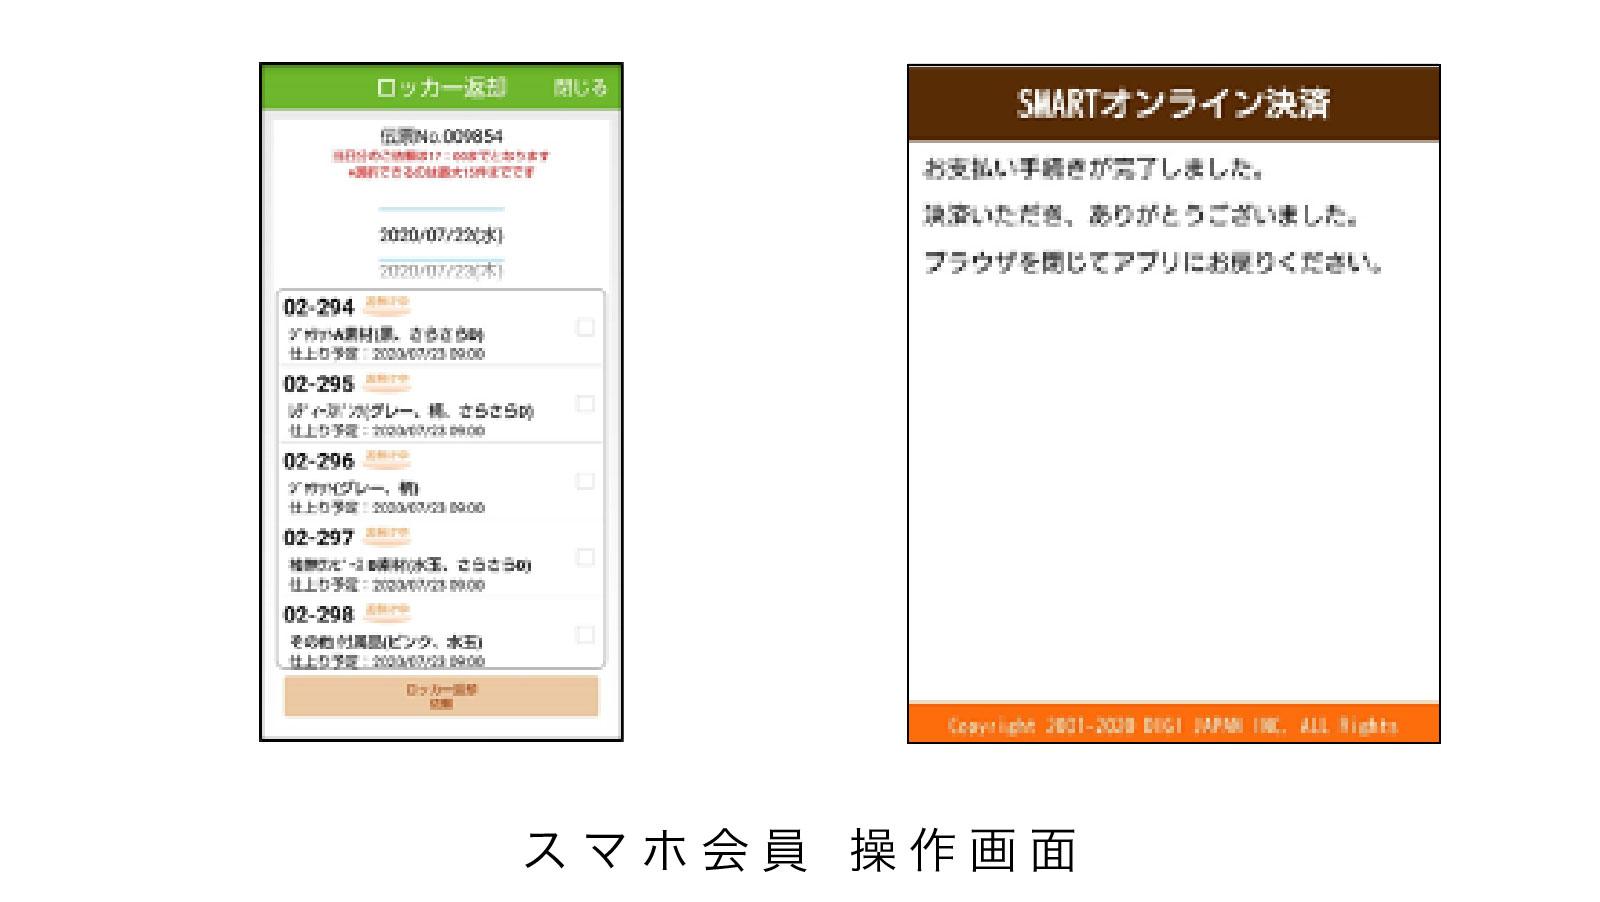 24時間受付・引き取りBOXルーム スマホ会員 操作画面